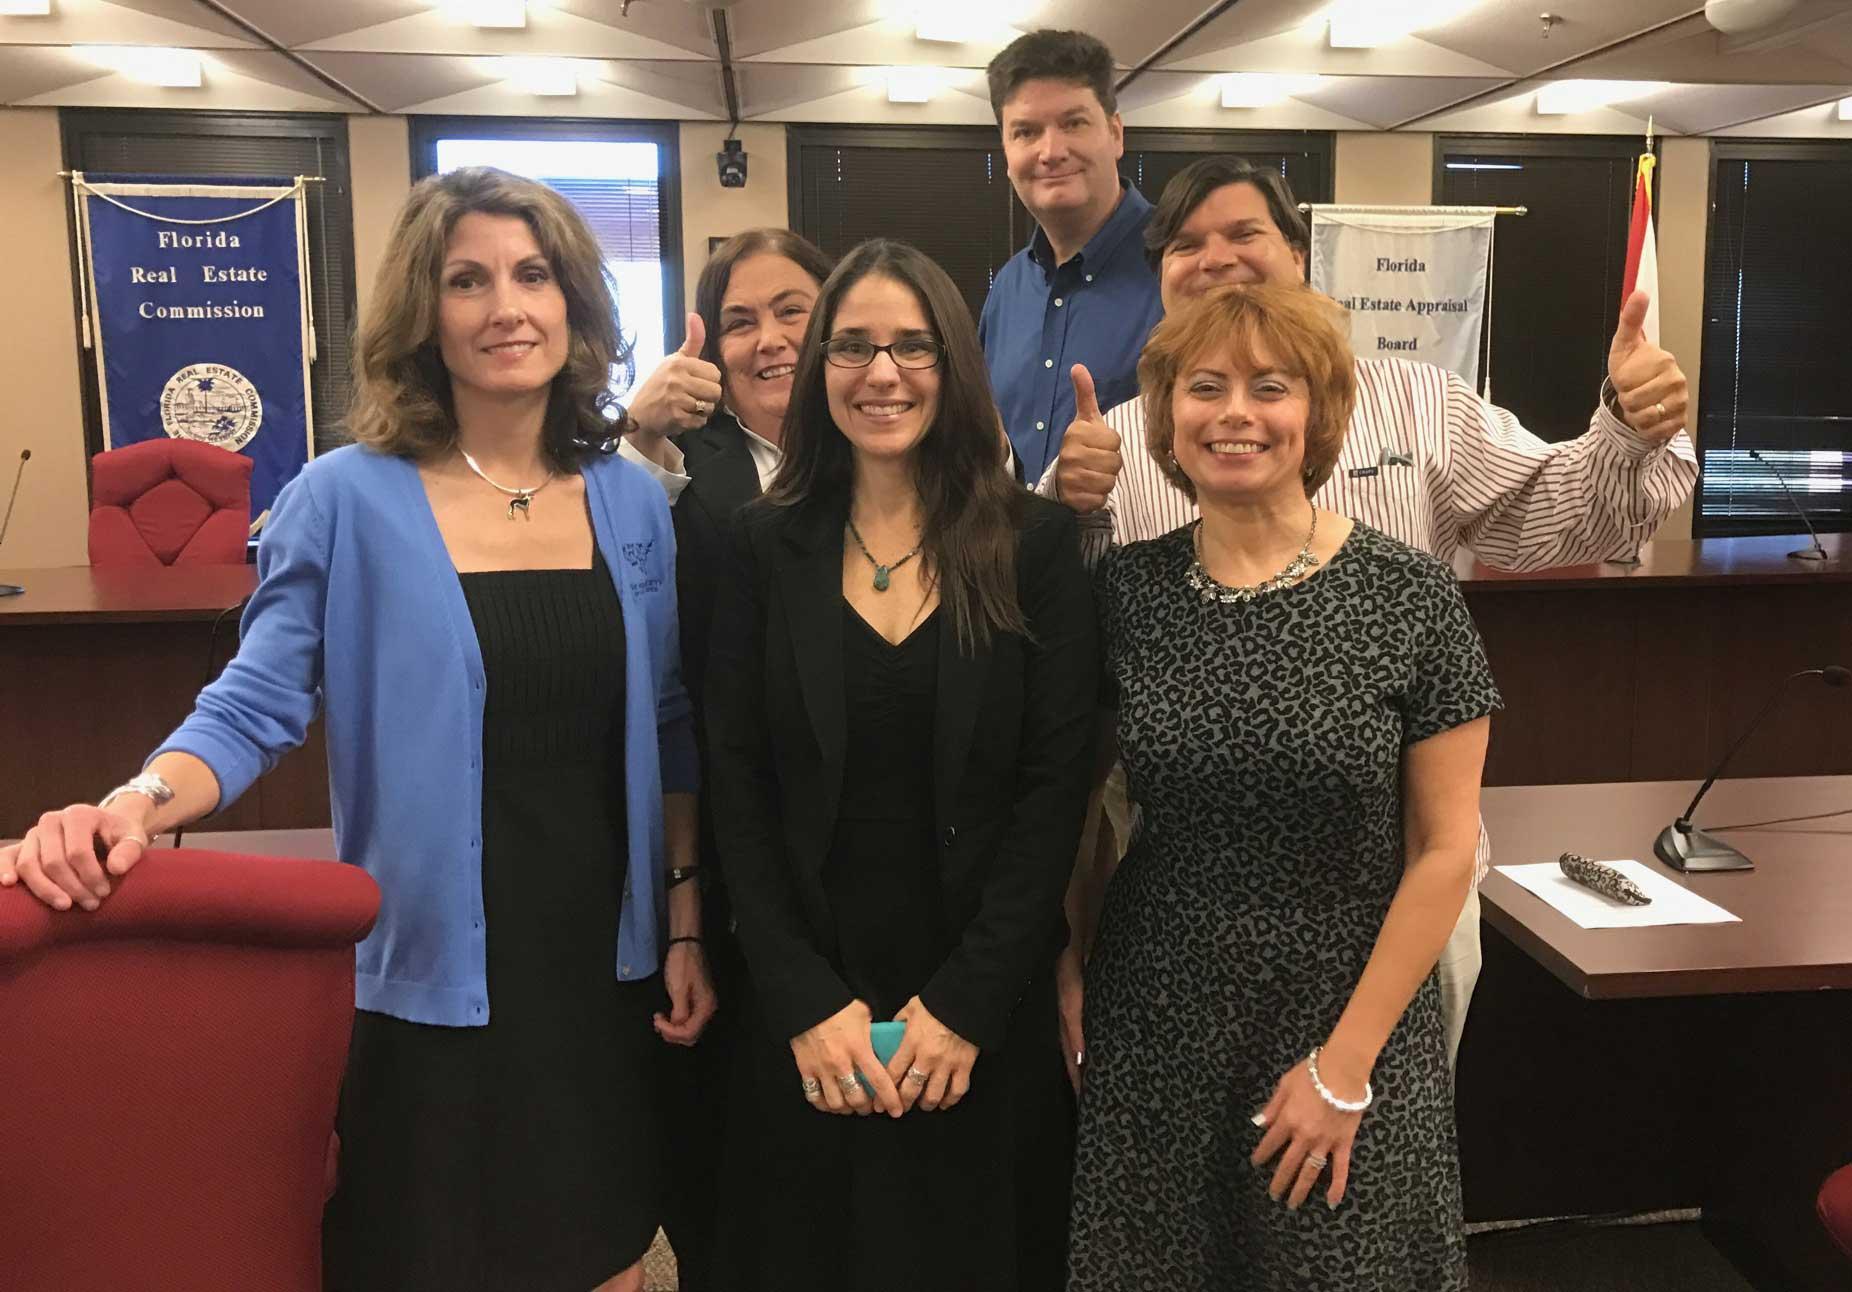 Florida state injury reporting workshop